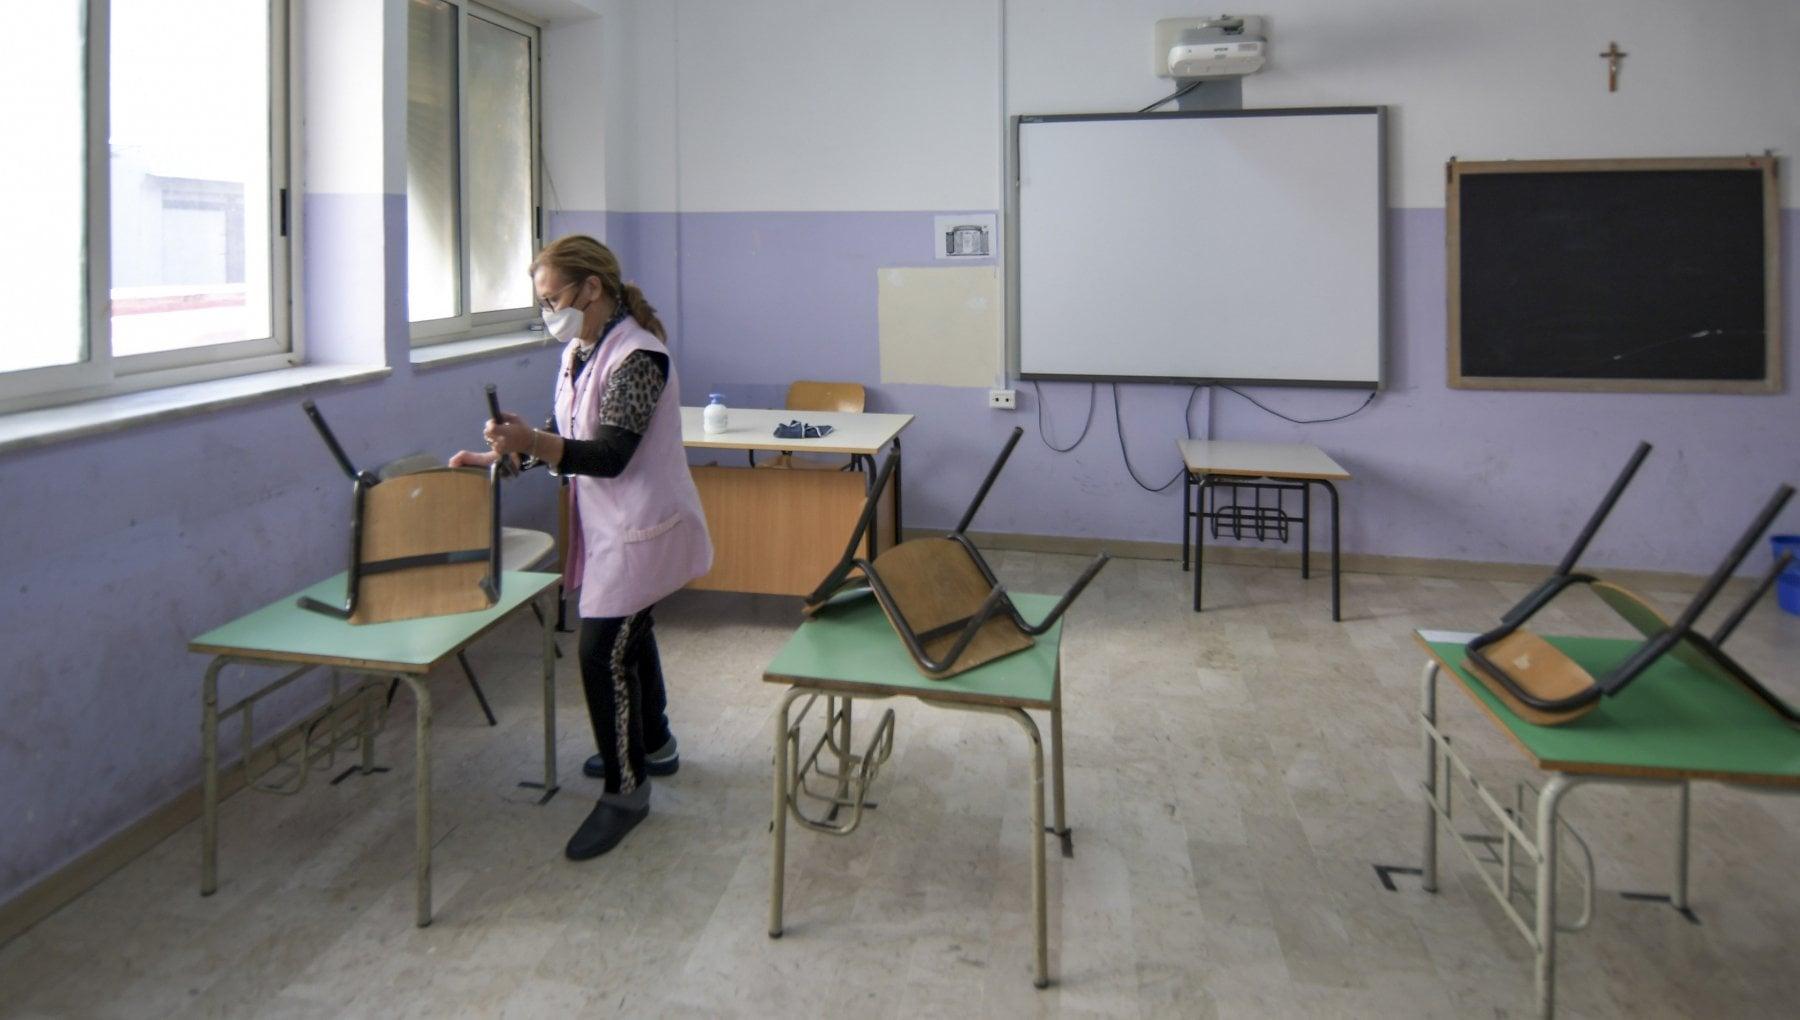 Le scuole e la pandemia saltano mensa e servizi. Un terzo dei laboratori usati come aule